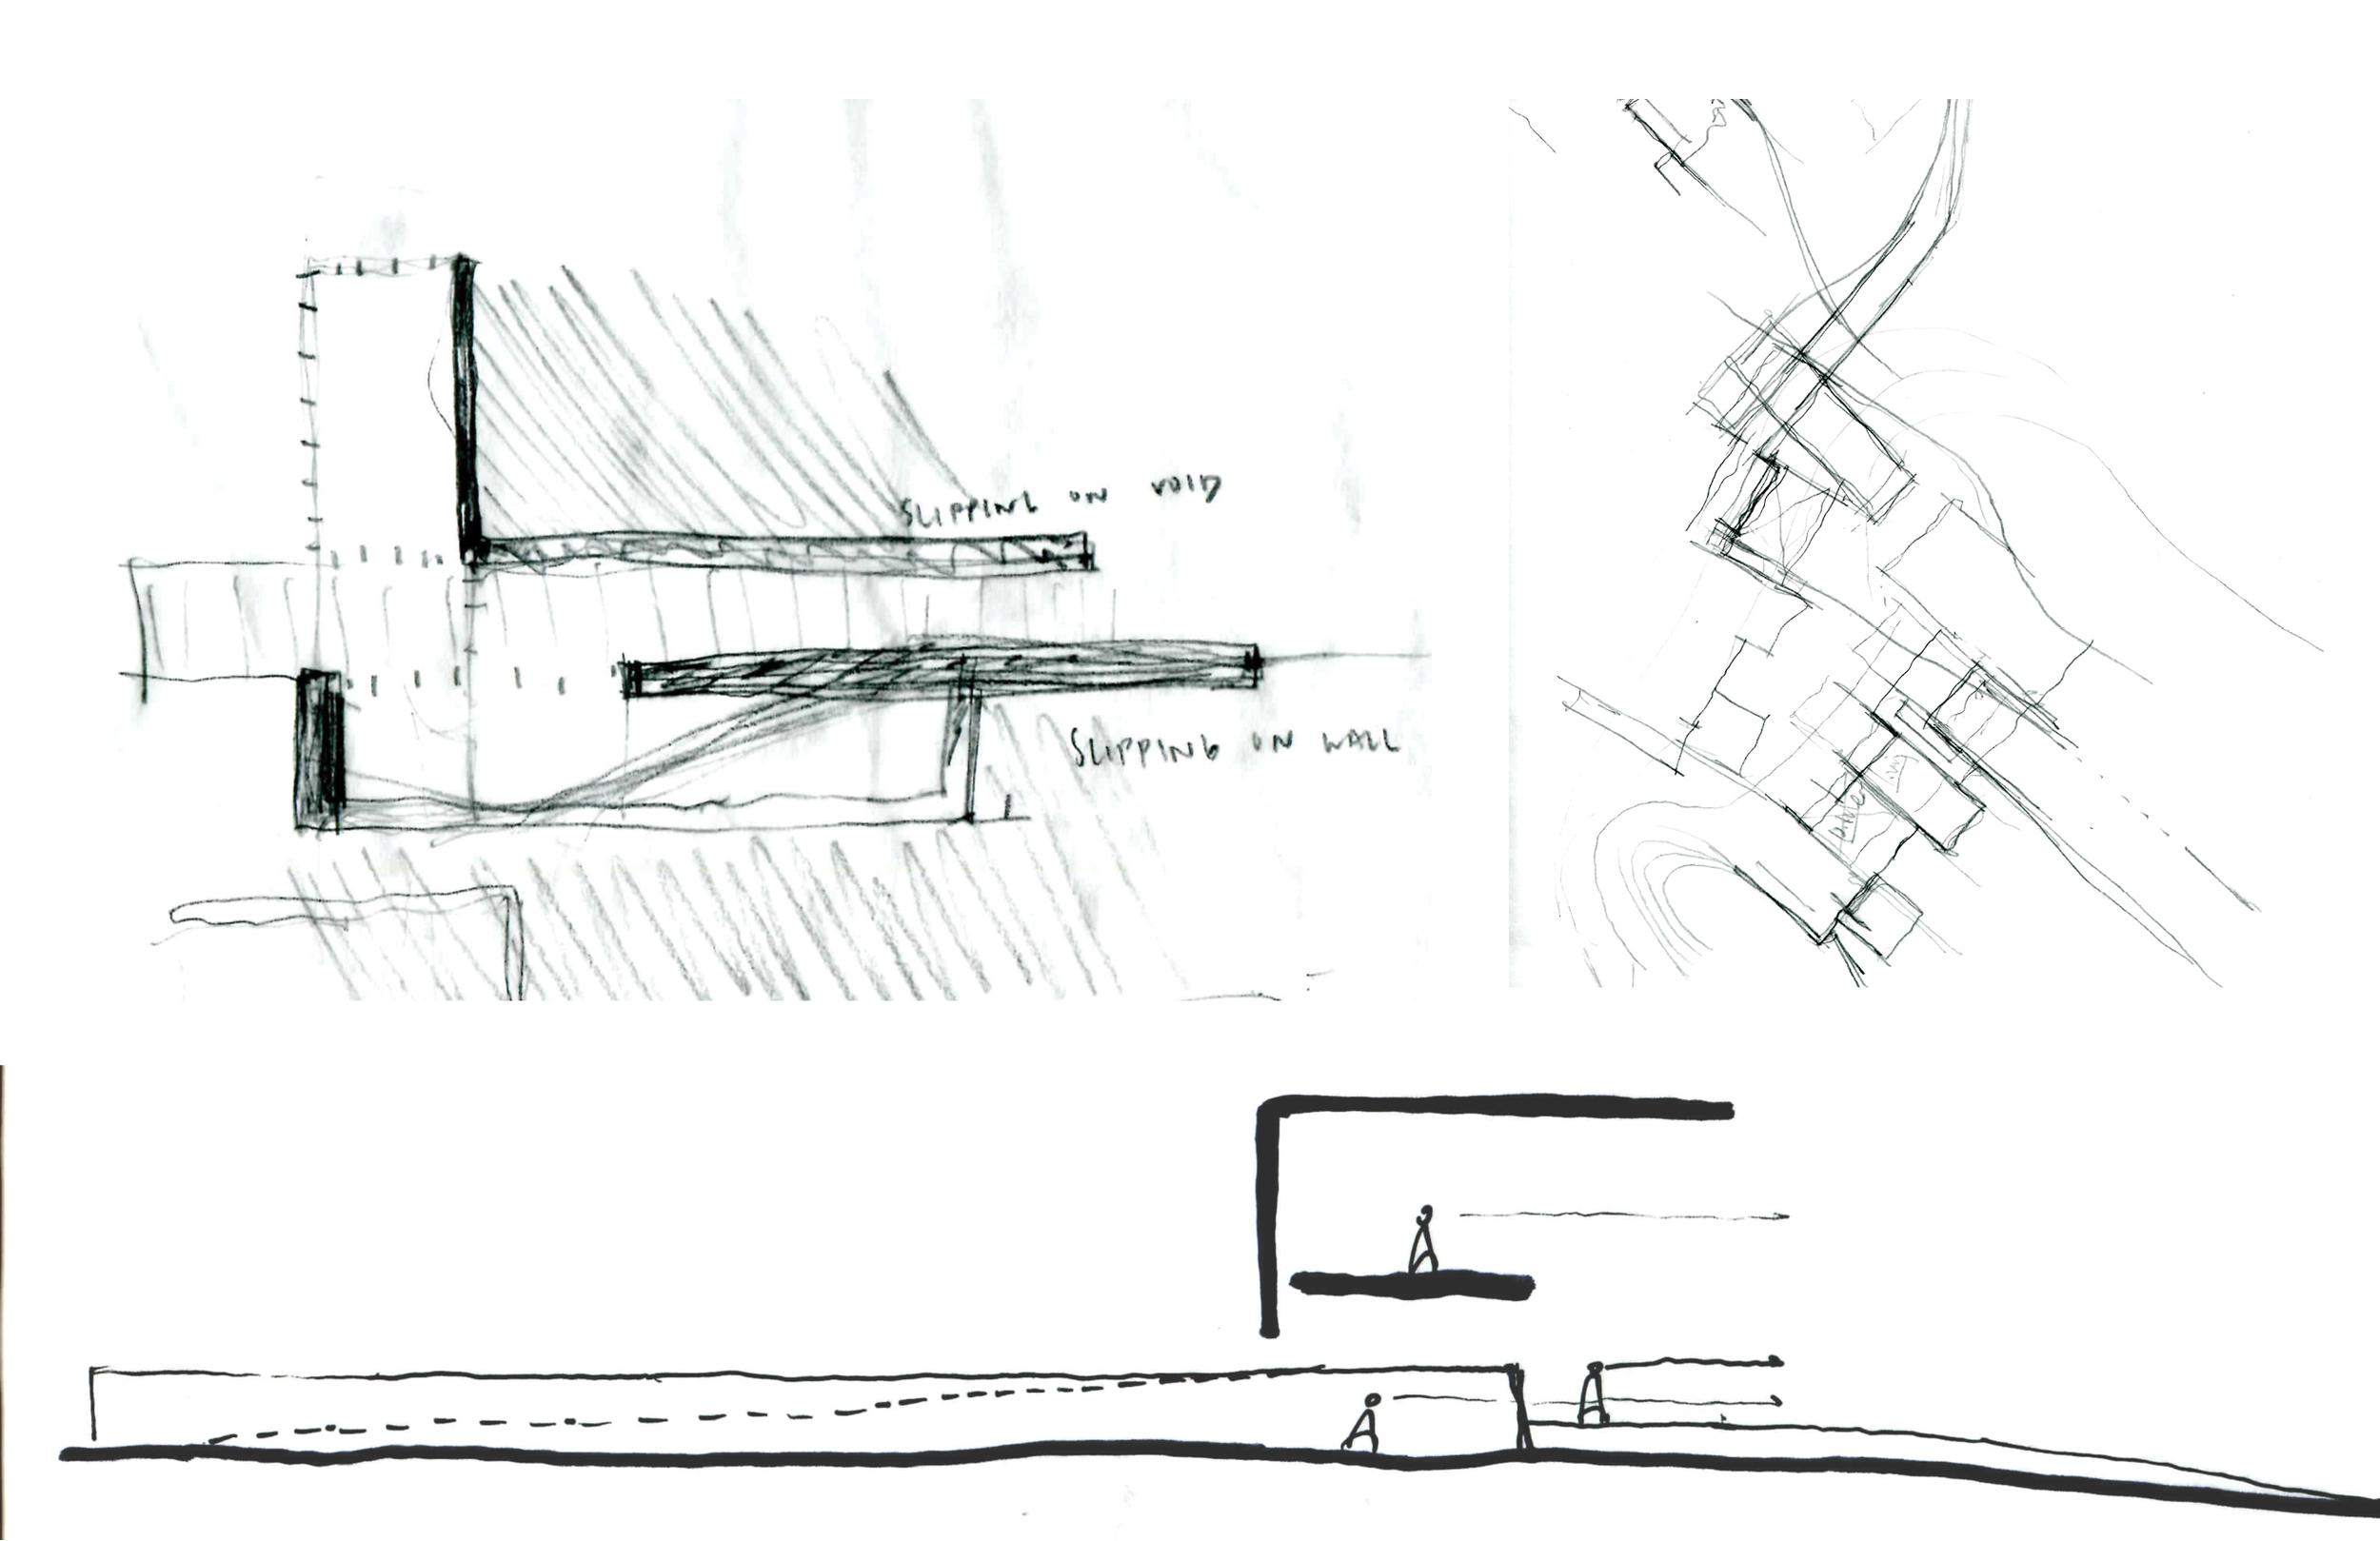 A_610 Highland_Sketch_2.jpg